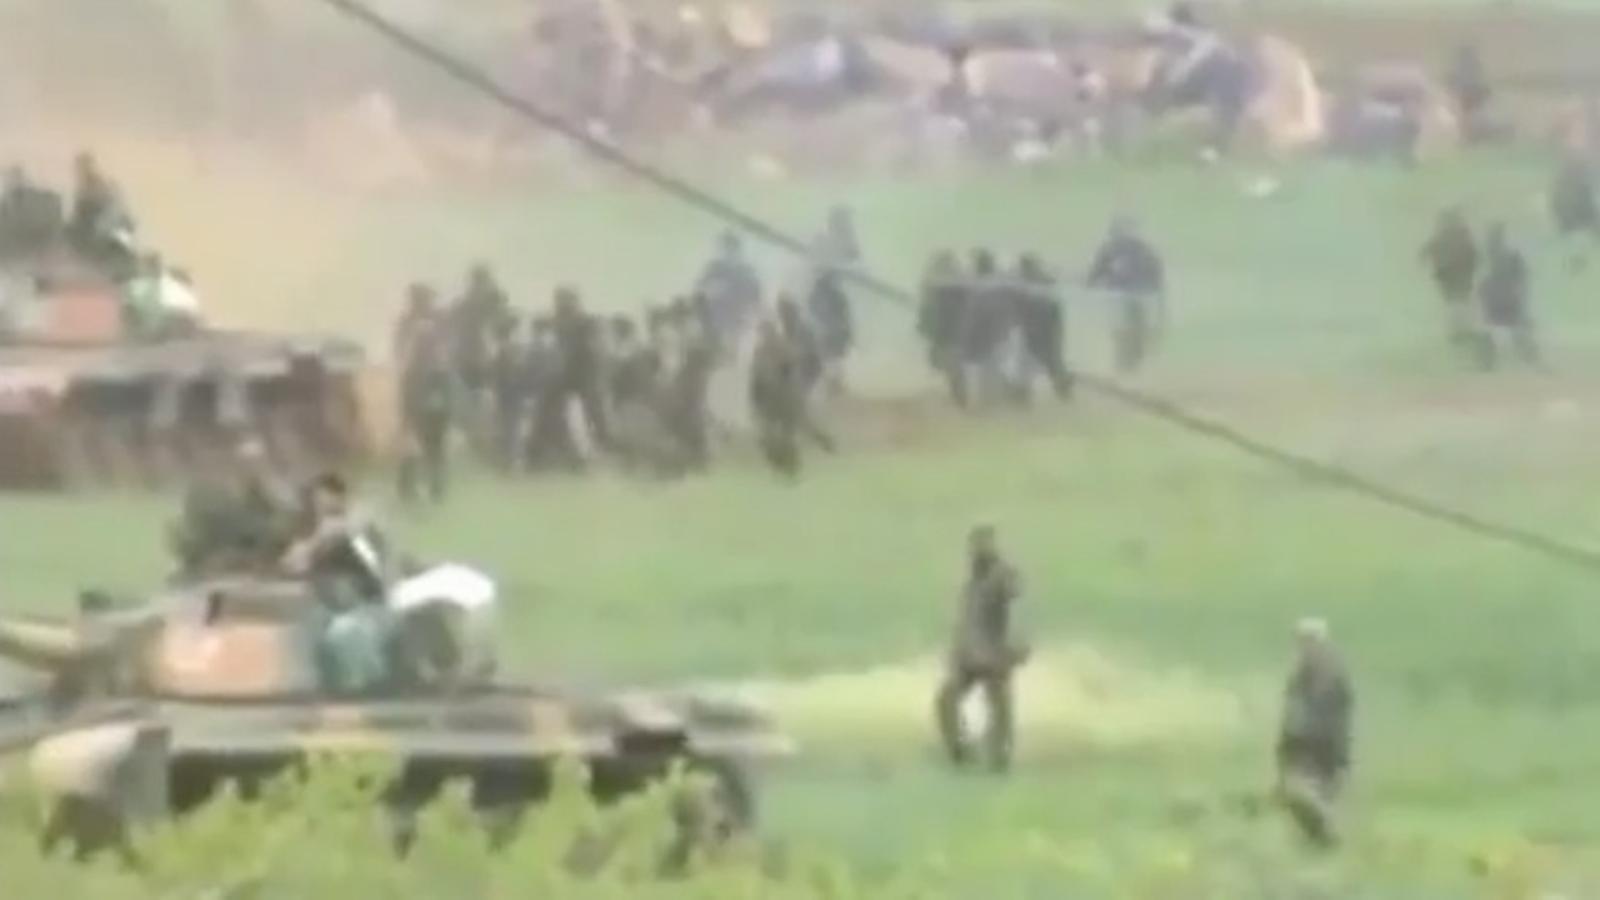 Tancs reprimint les protestes a Síria